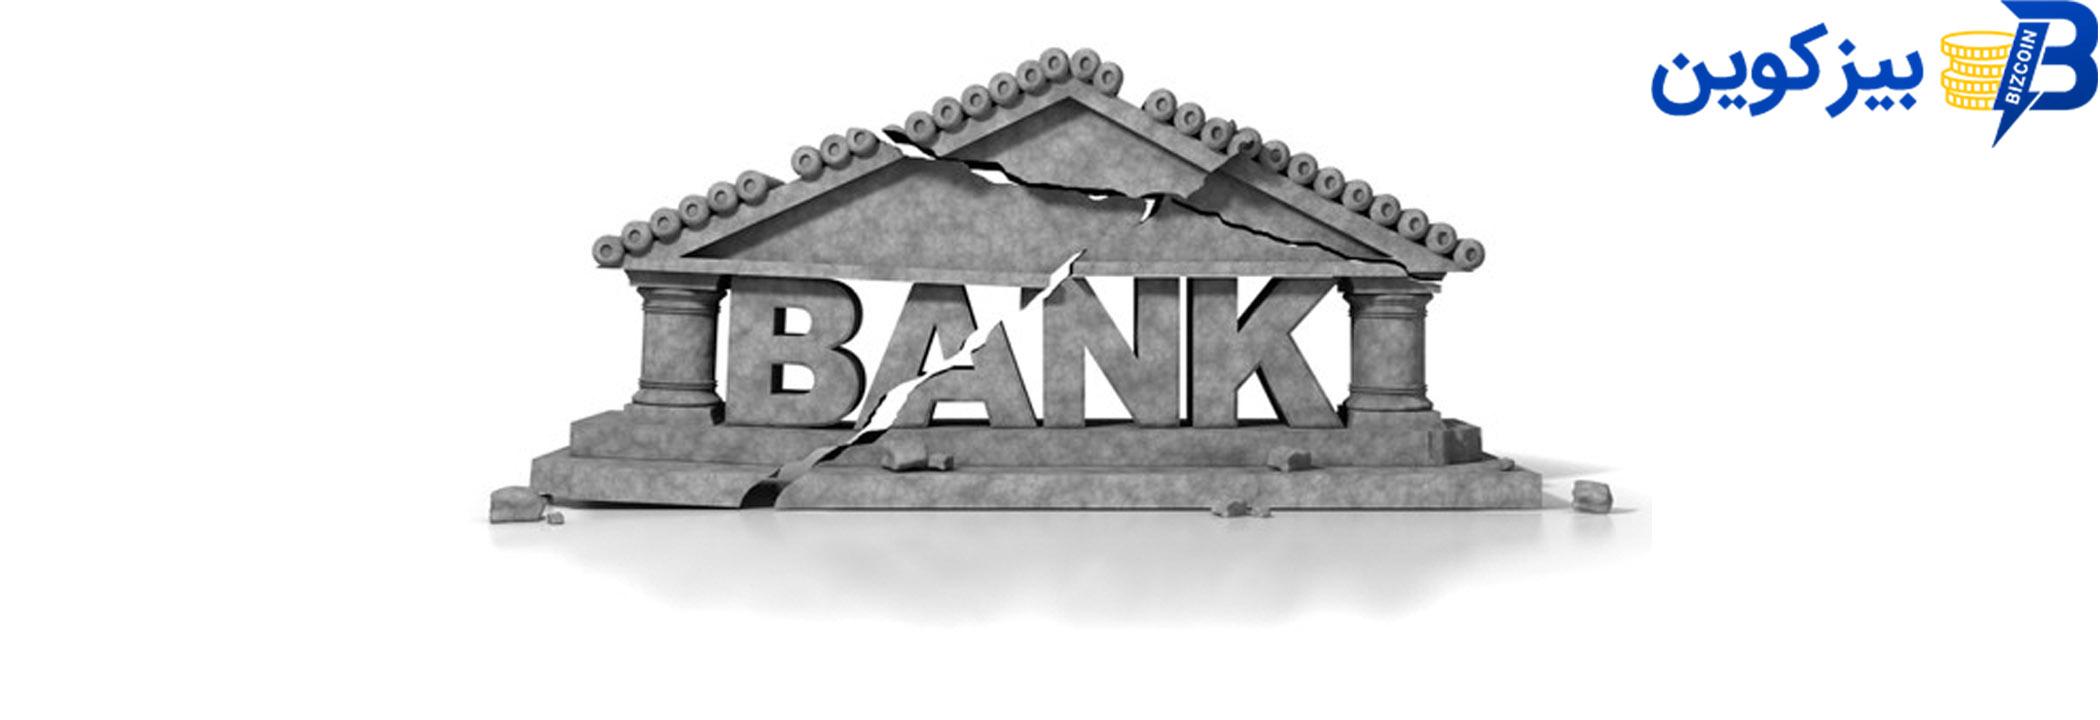 ویروس کرونا یک بانک آمریکایی را به تعطیل کرد!